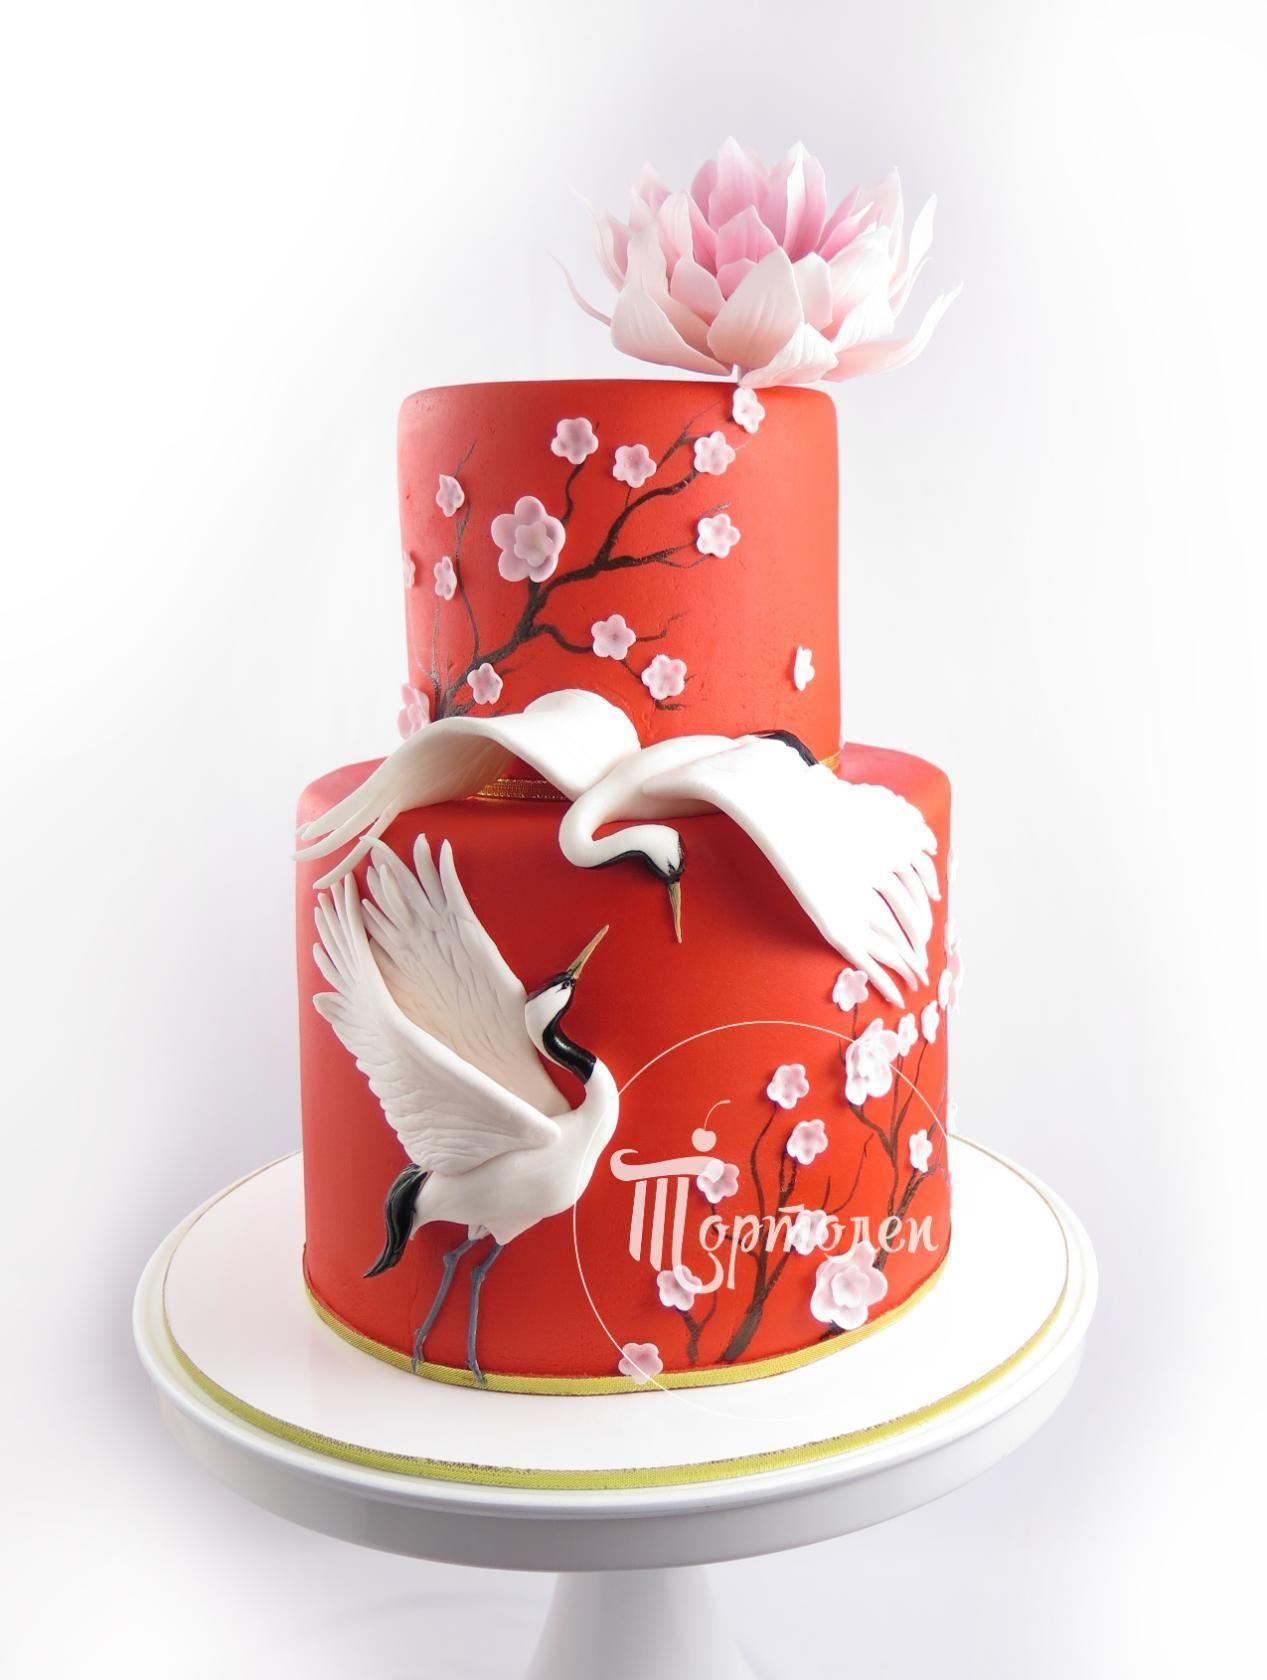 Charmant (99) Одноклассники Das Große Backen, Geburtstagstorte, Kuchen, Japanische  Hochzeitstorten, Japanischer